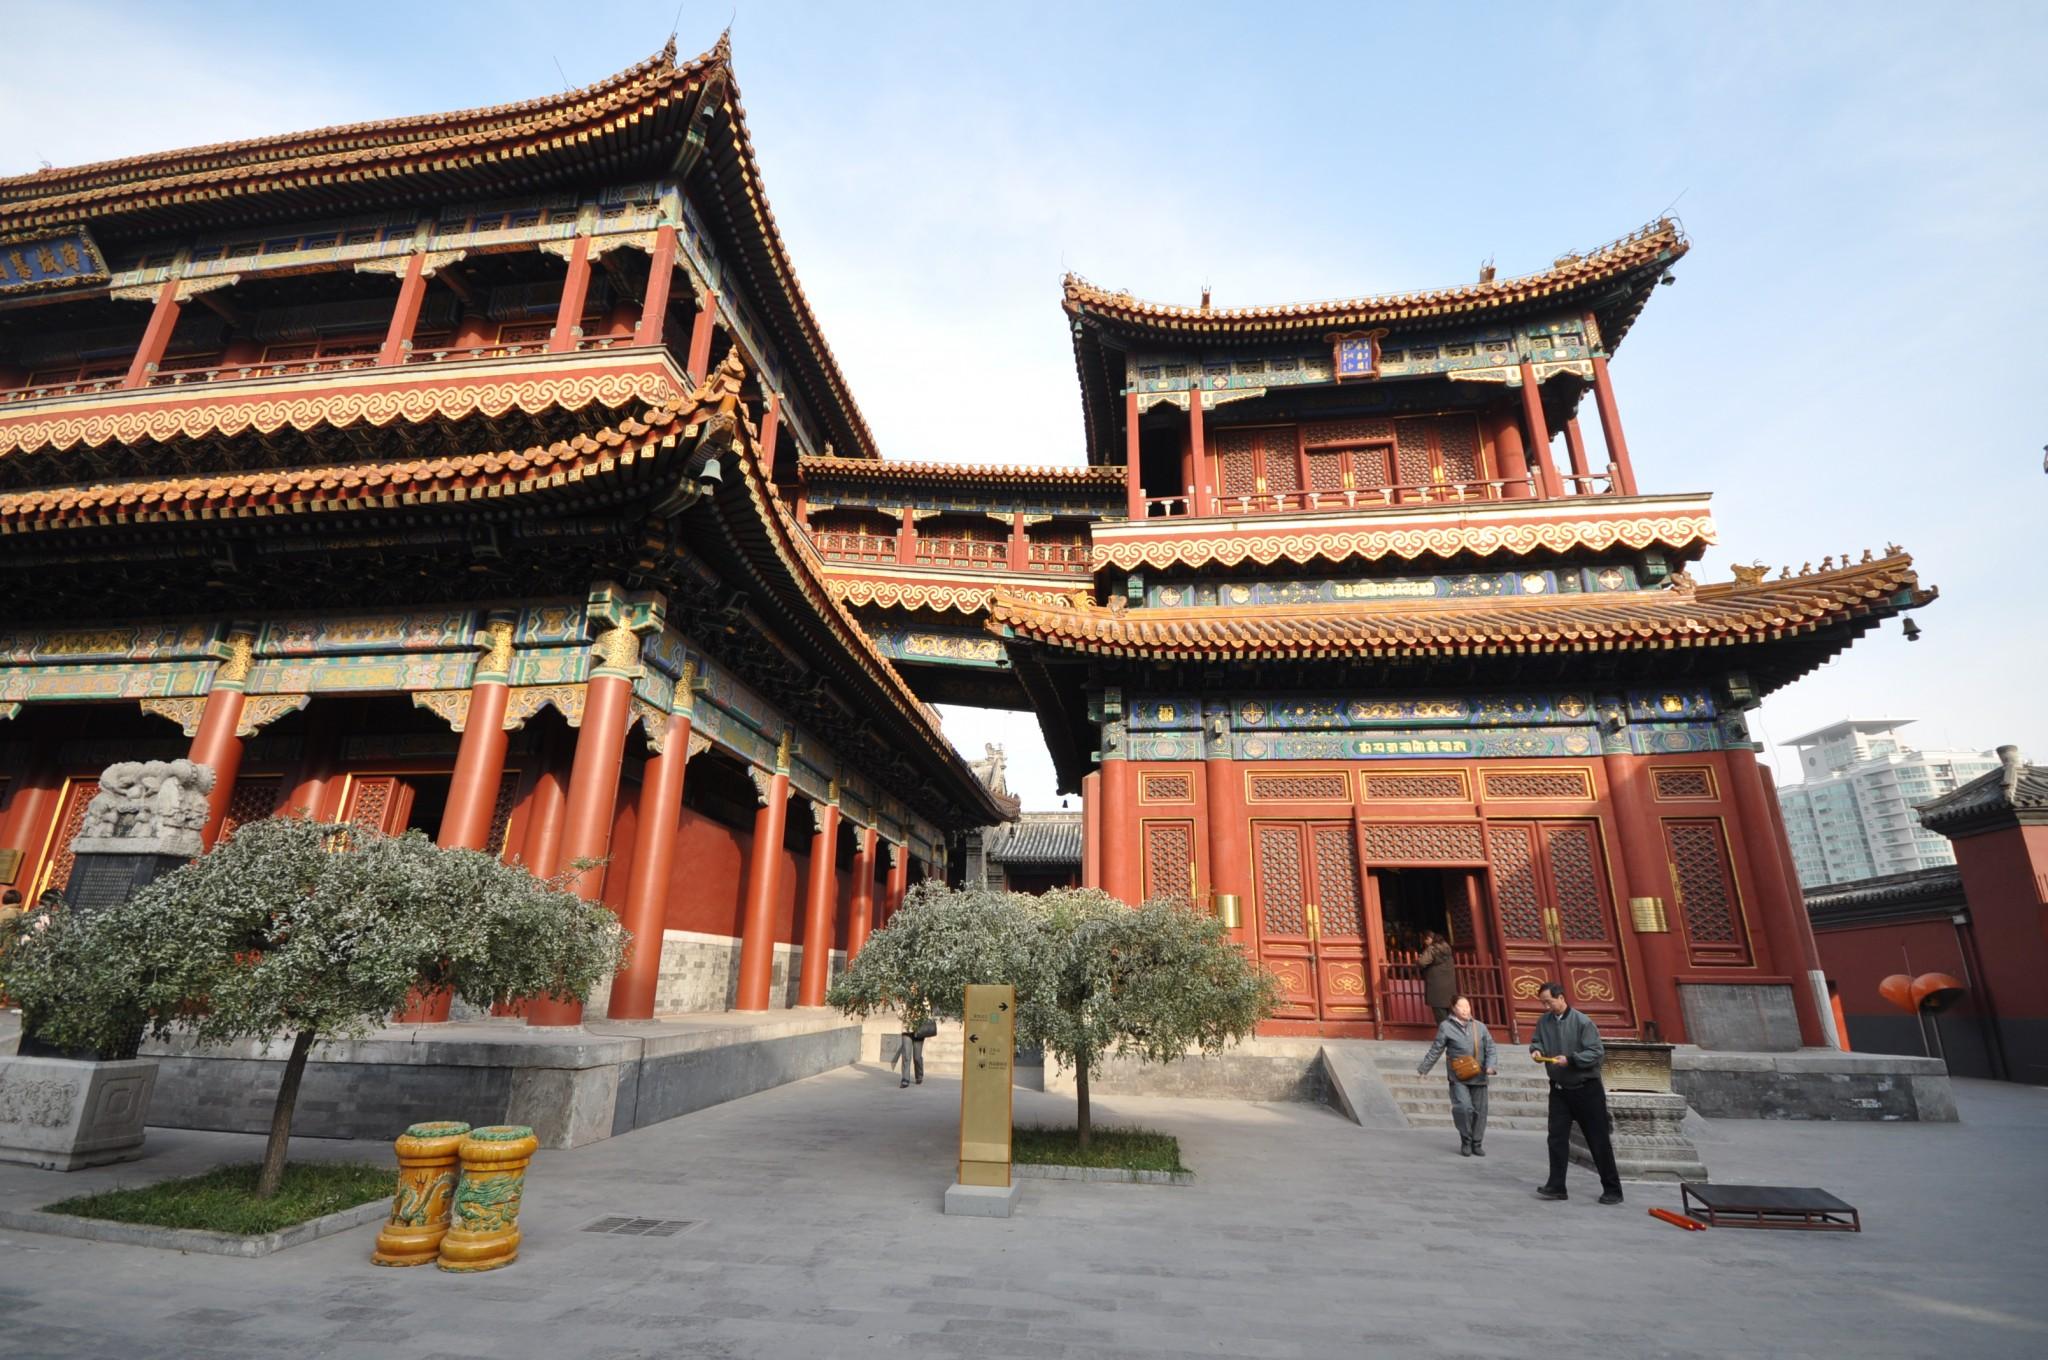 Lama_temple peking nähtävyydet temppeli